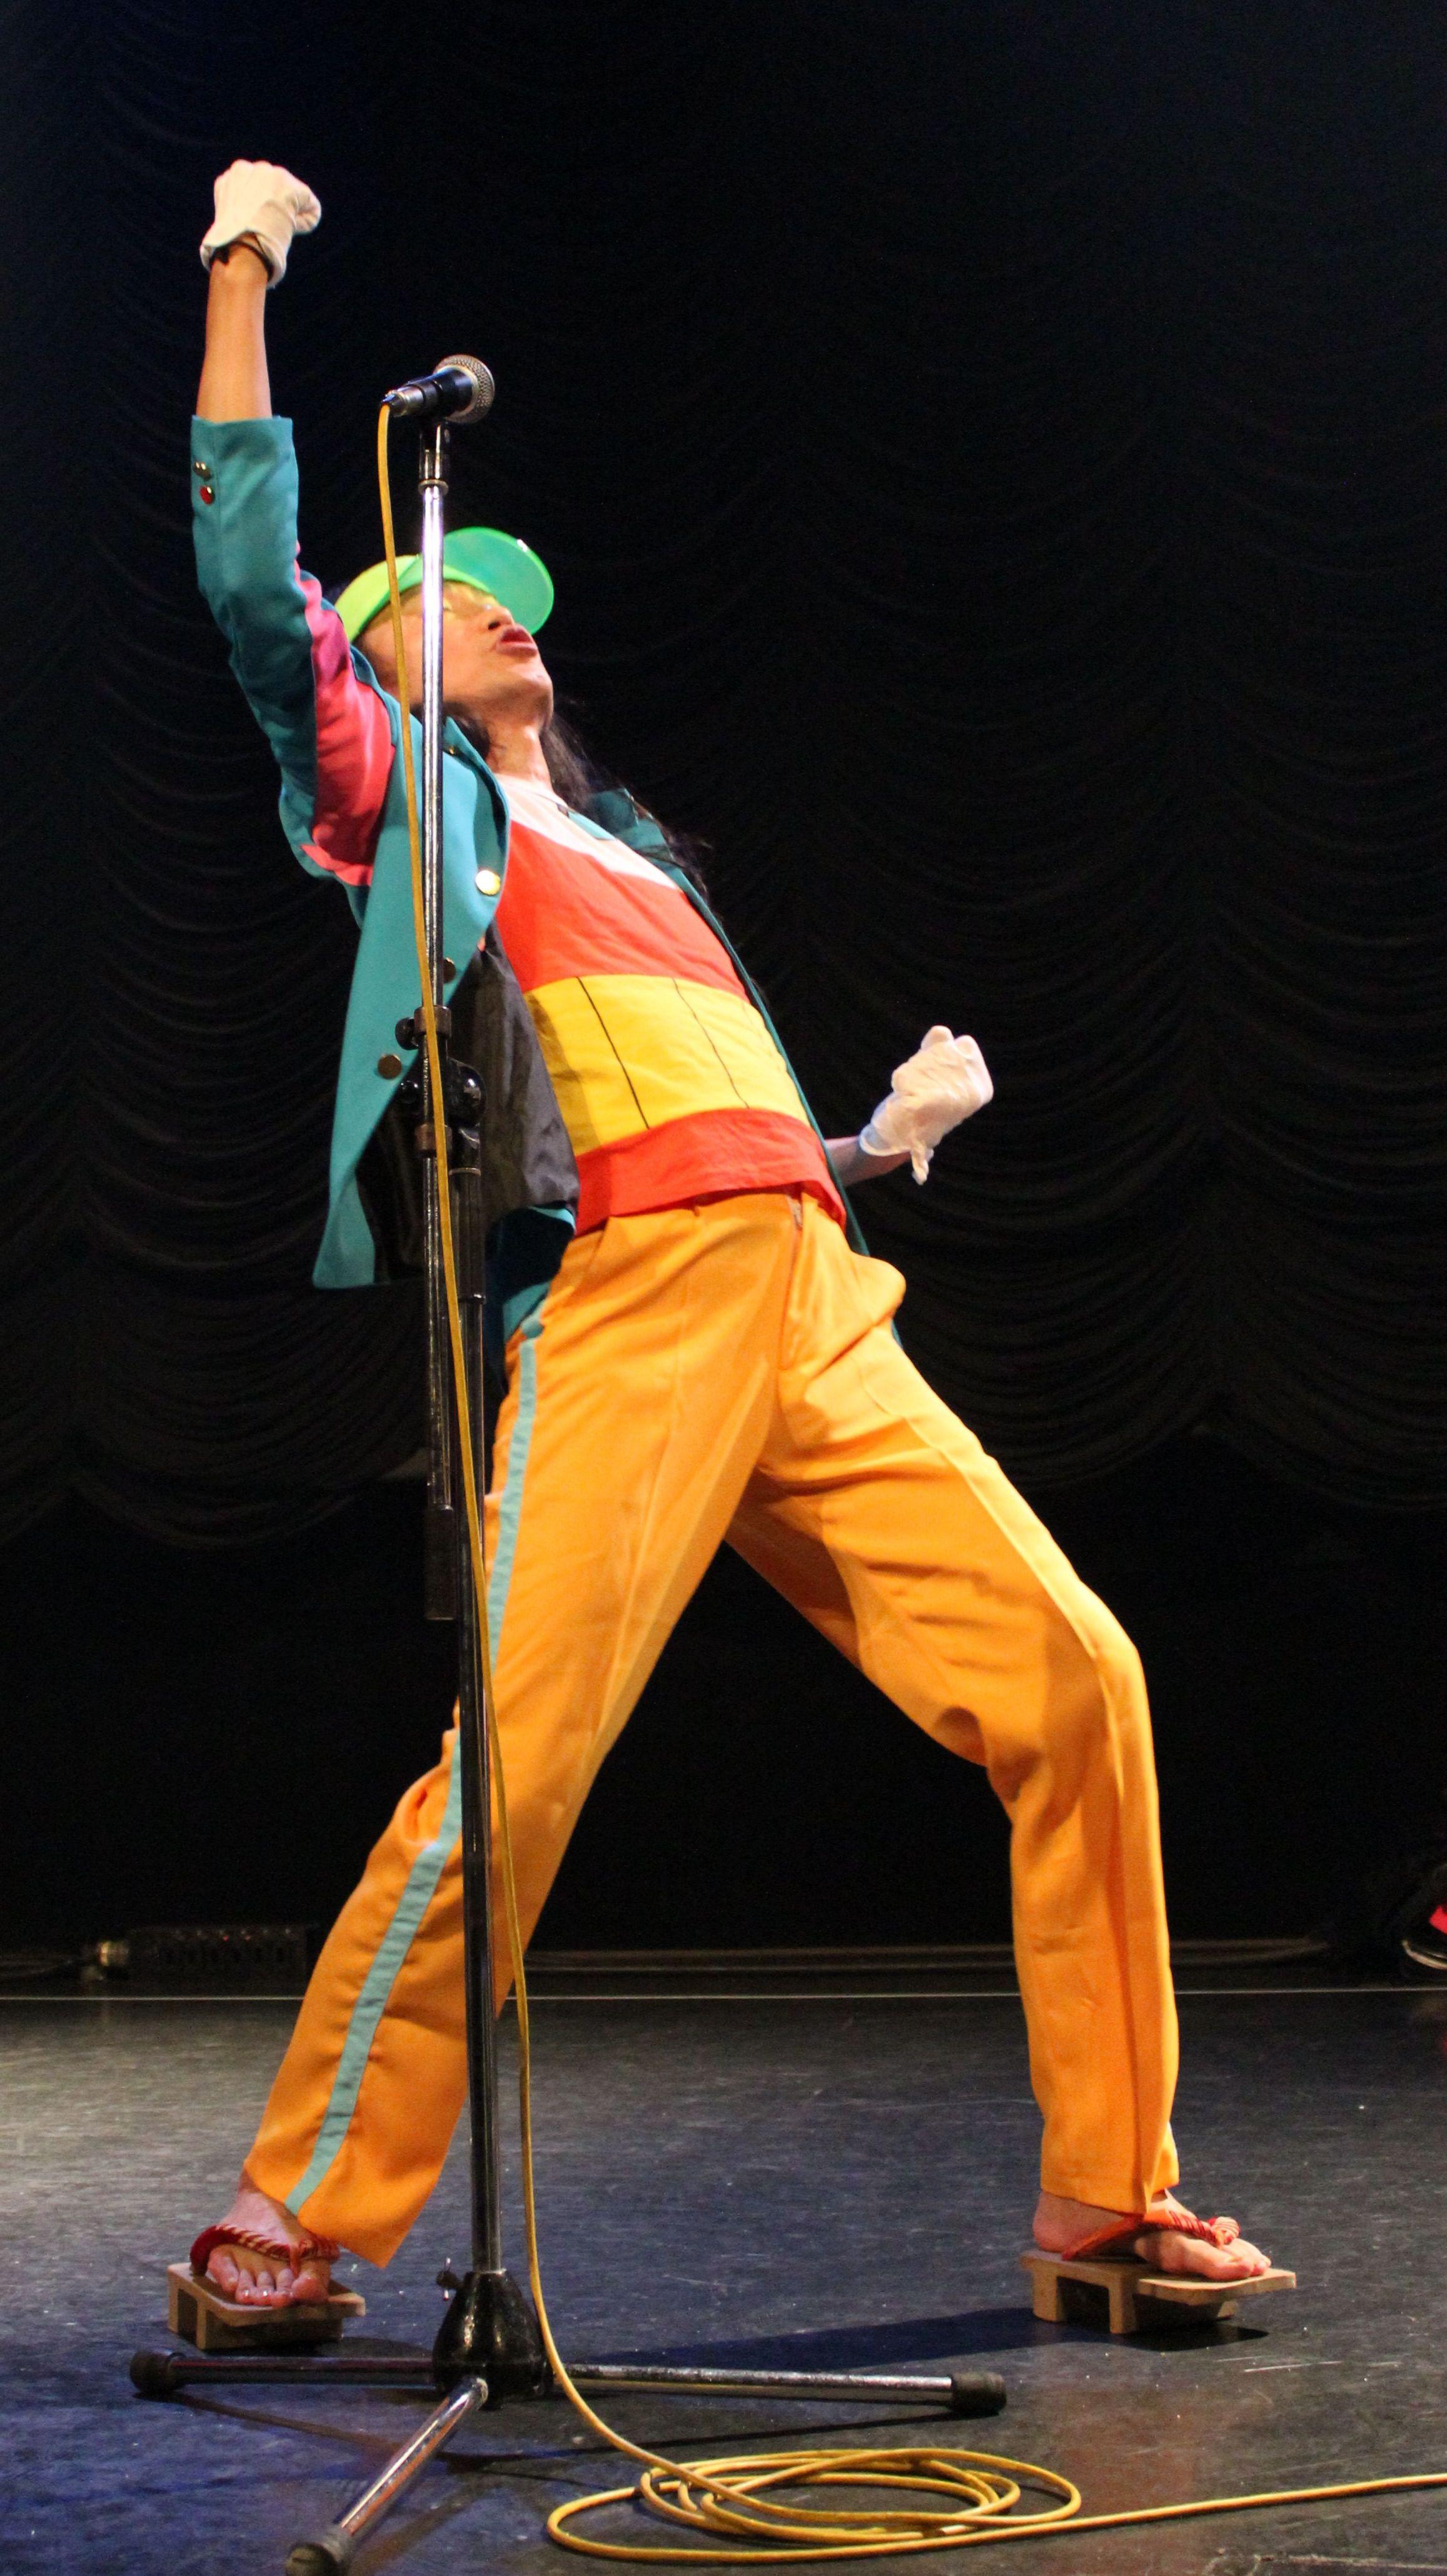 デパートメントH 2099@鶯谷東京キネマ倶楽部 2014年10月(4)~サユリ&タルタルギーニャス / 告知コーナー / おなぴこまる~